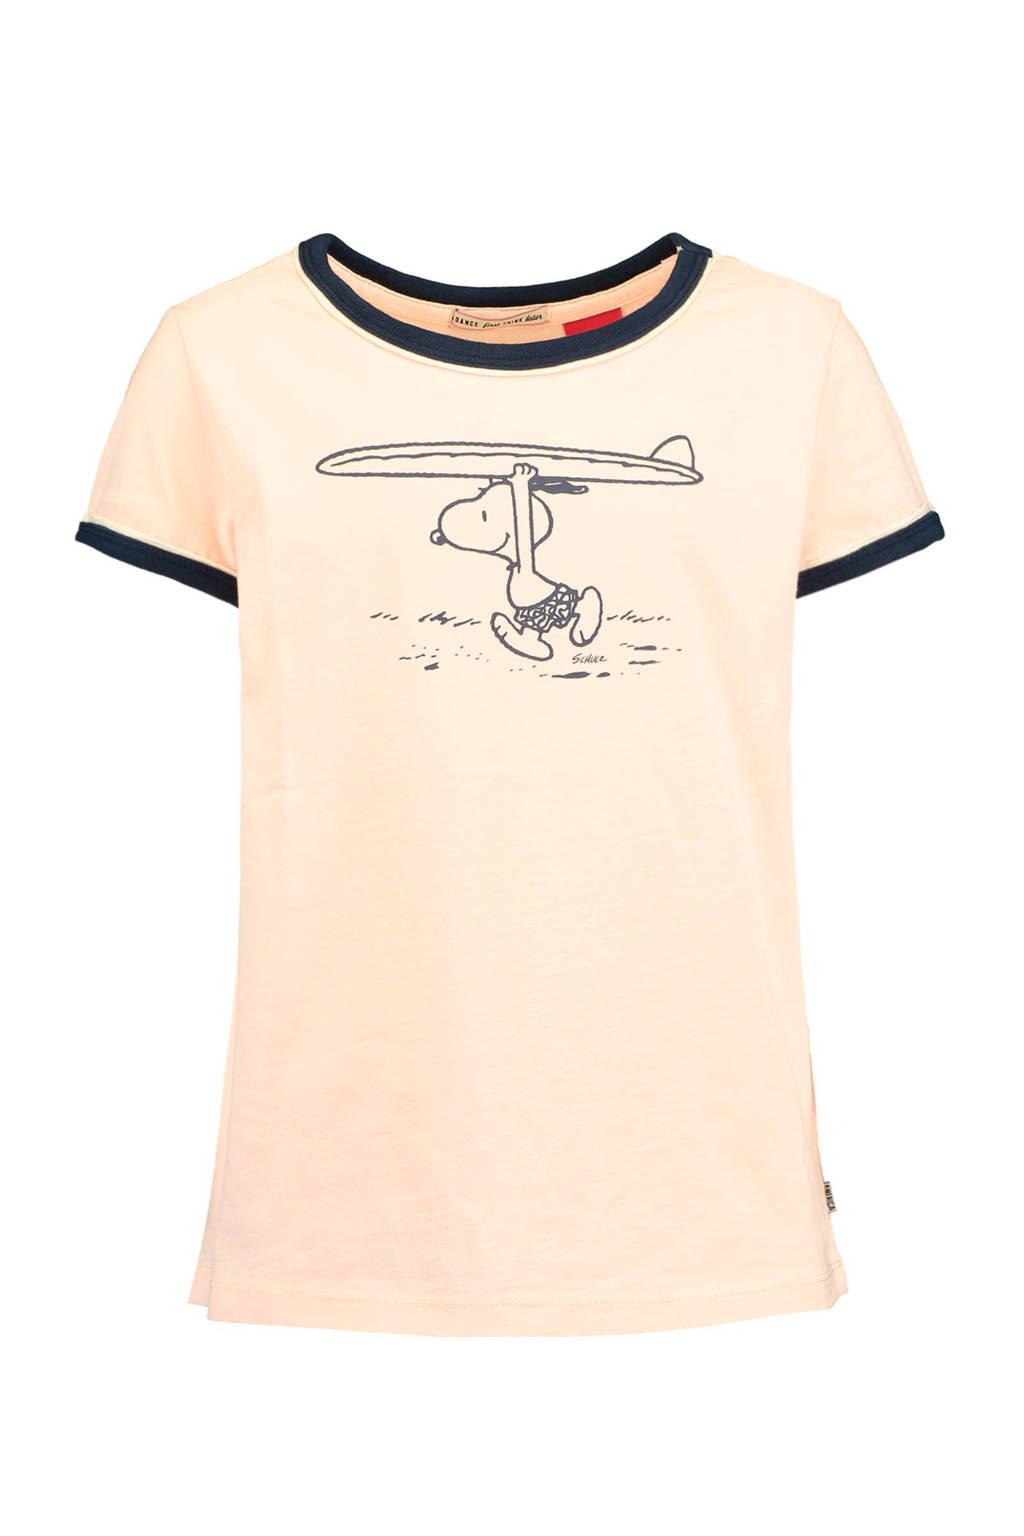 America Today Junior T-shirt met print lichtroze, Lichtroze